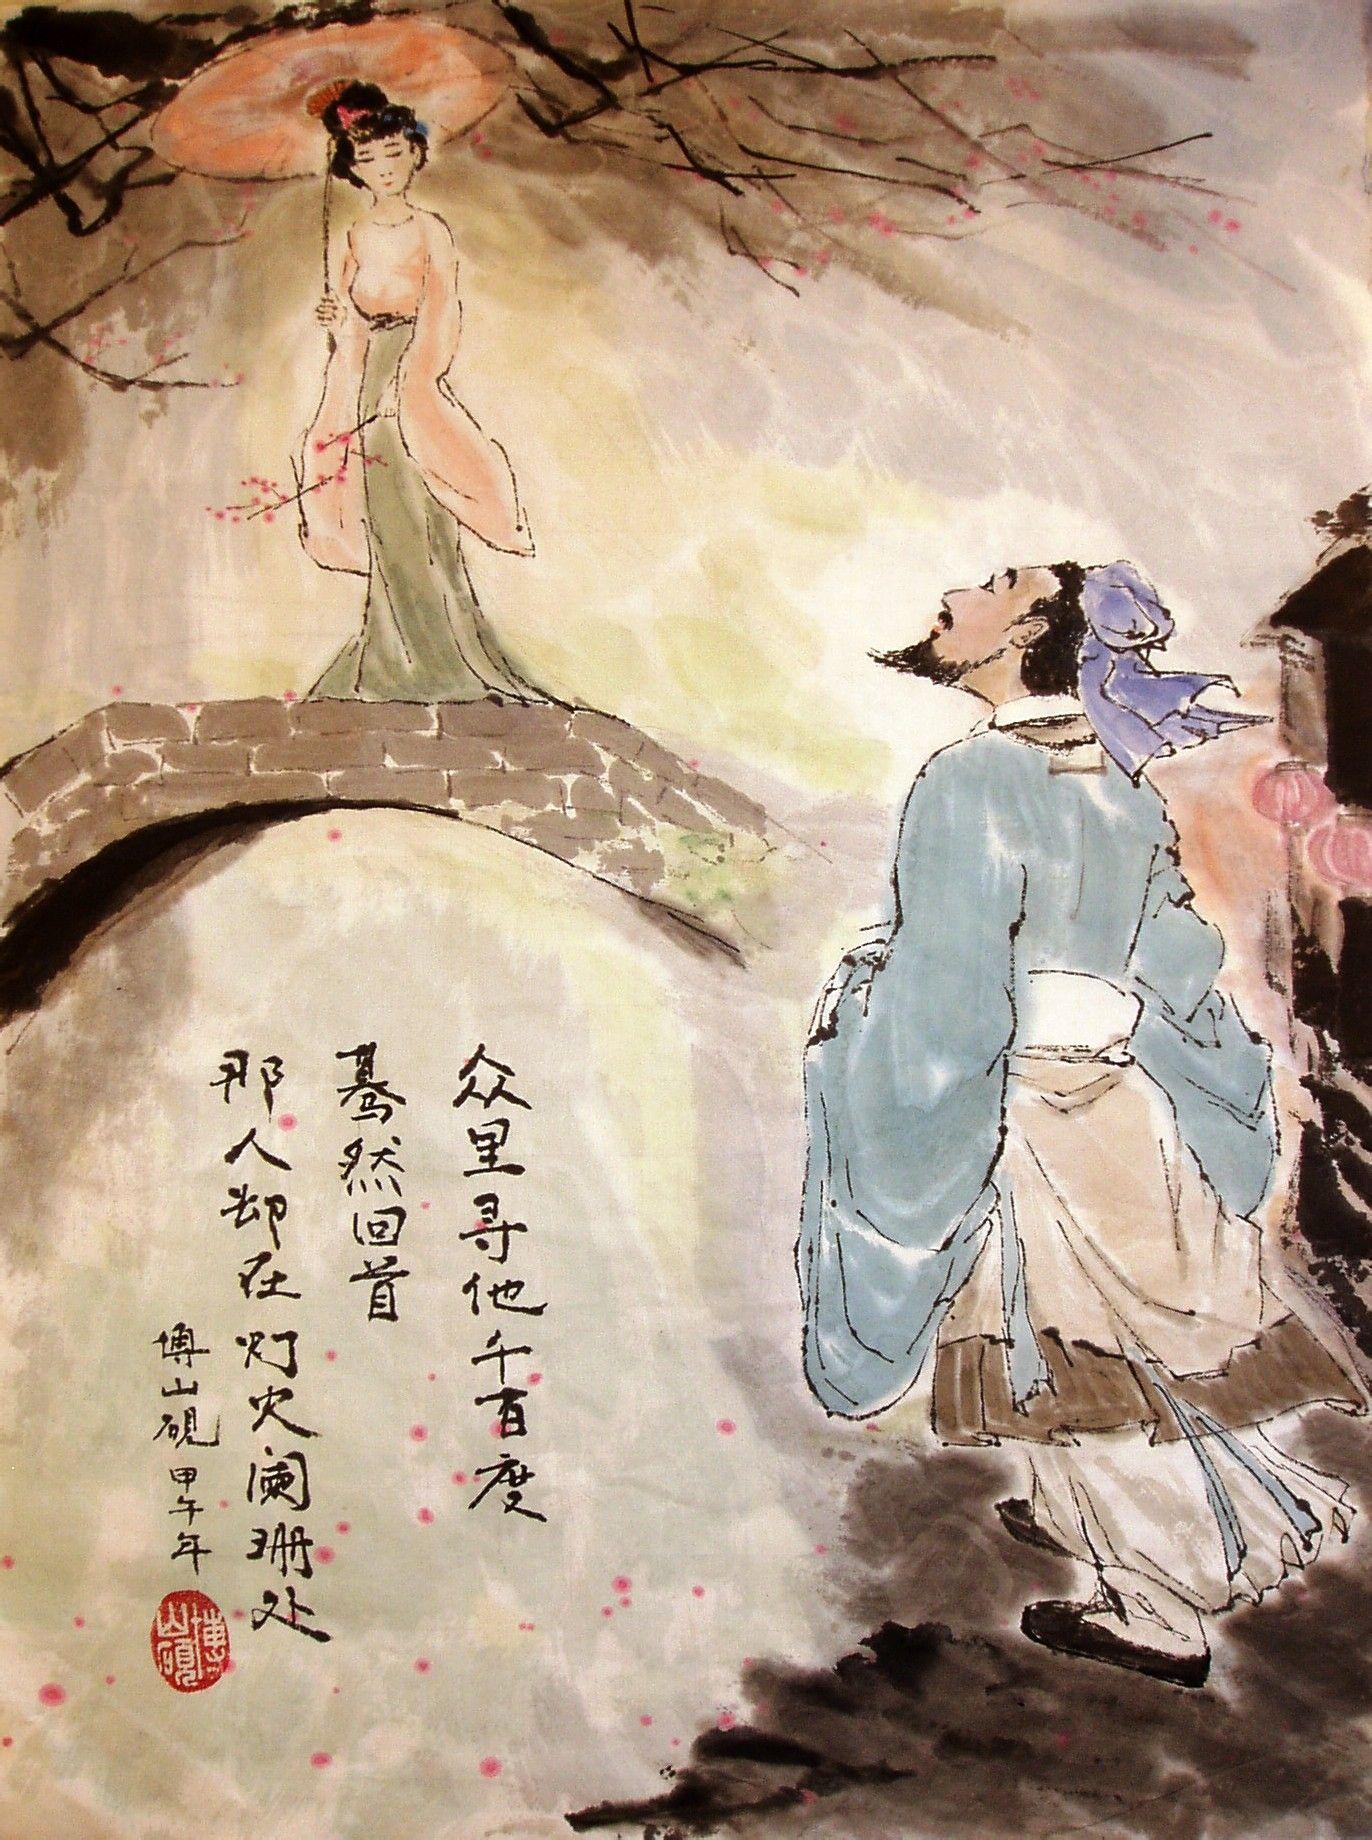 比较喜欢他画的描写辛弃疾的诗词绘画作品图片